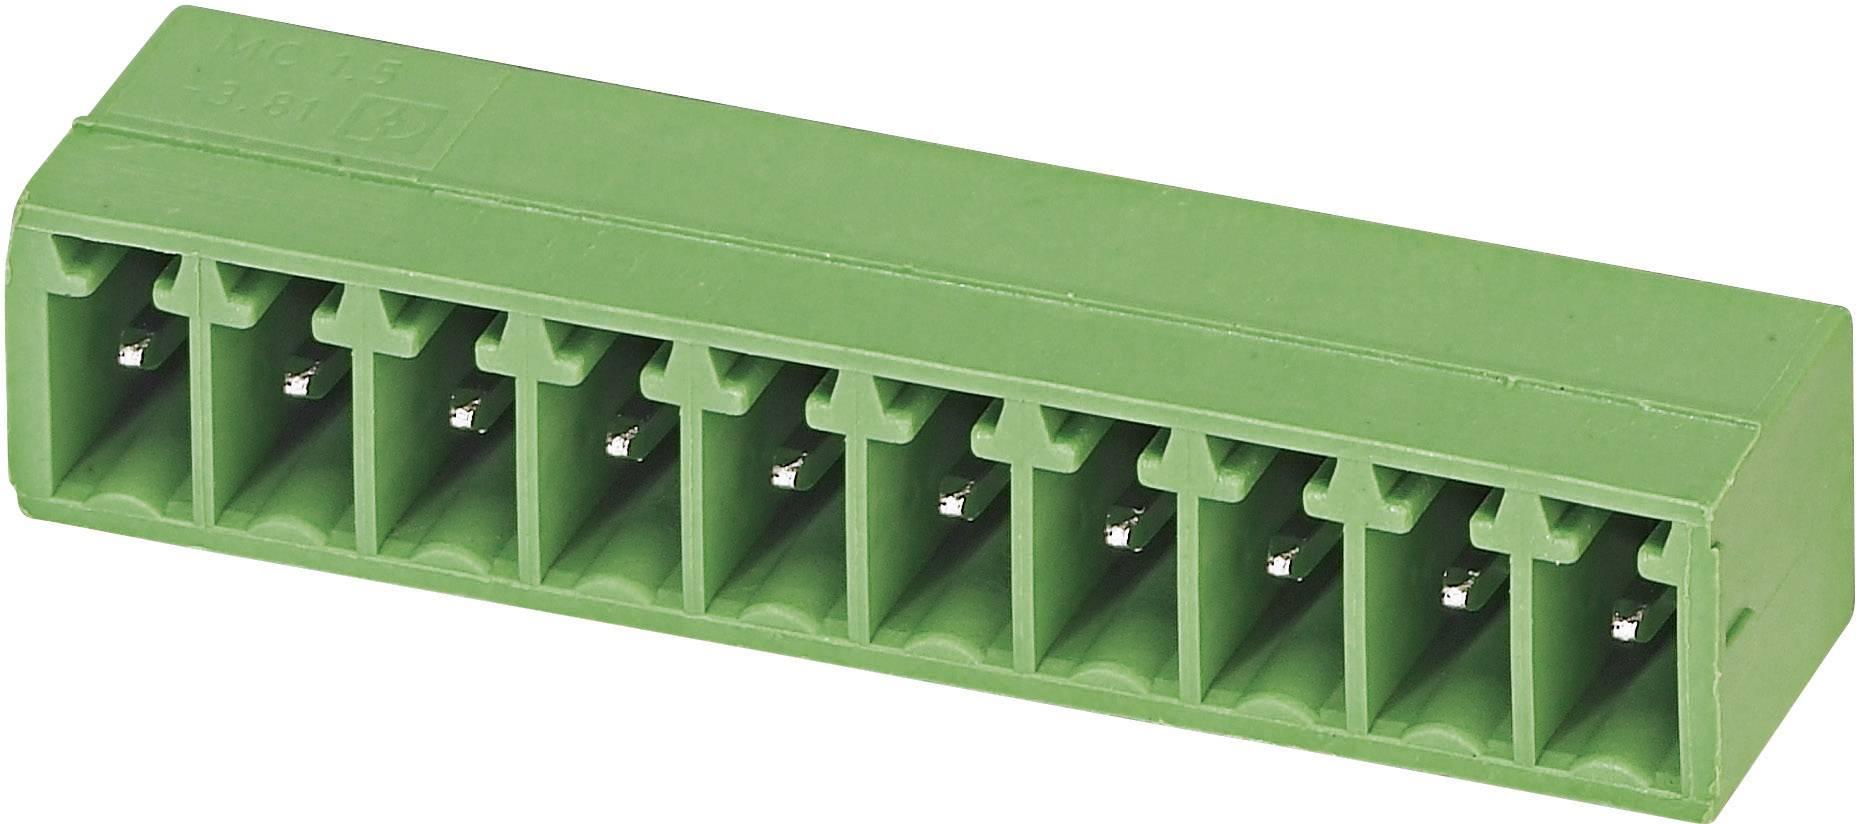 Svorkovnice 1řadá do DPS Phoenix Contact MC 1,5/ 8-G-3,5 (1844278), 8pól., zelená